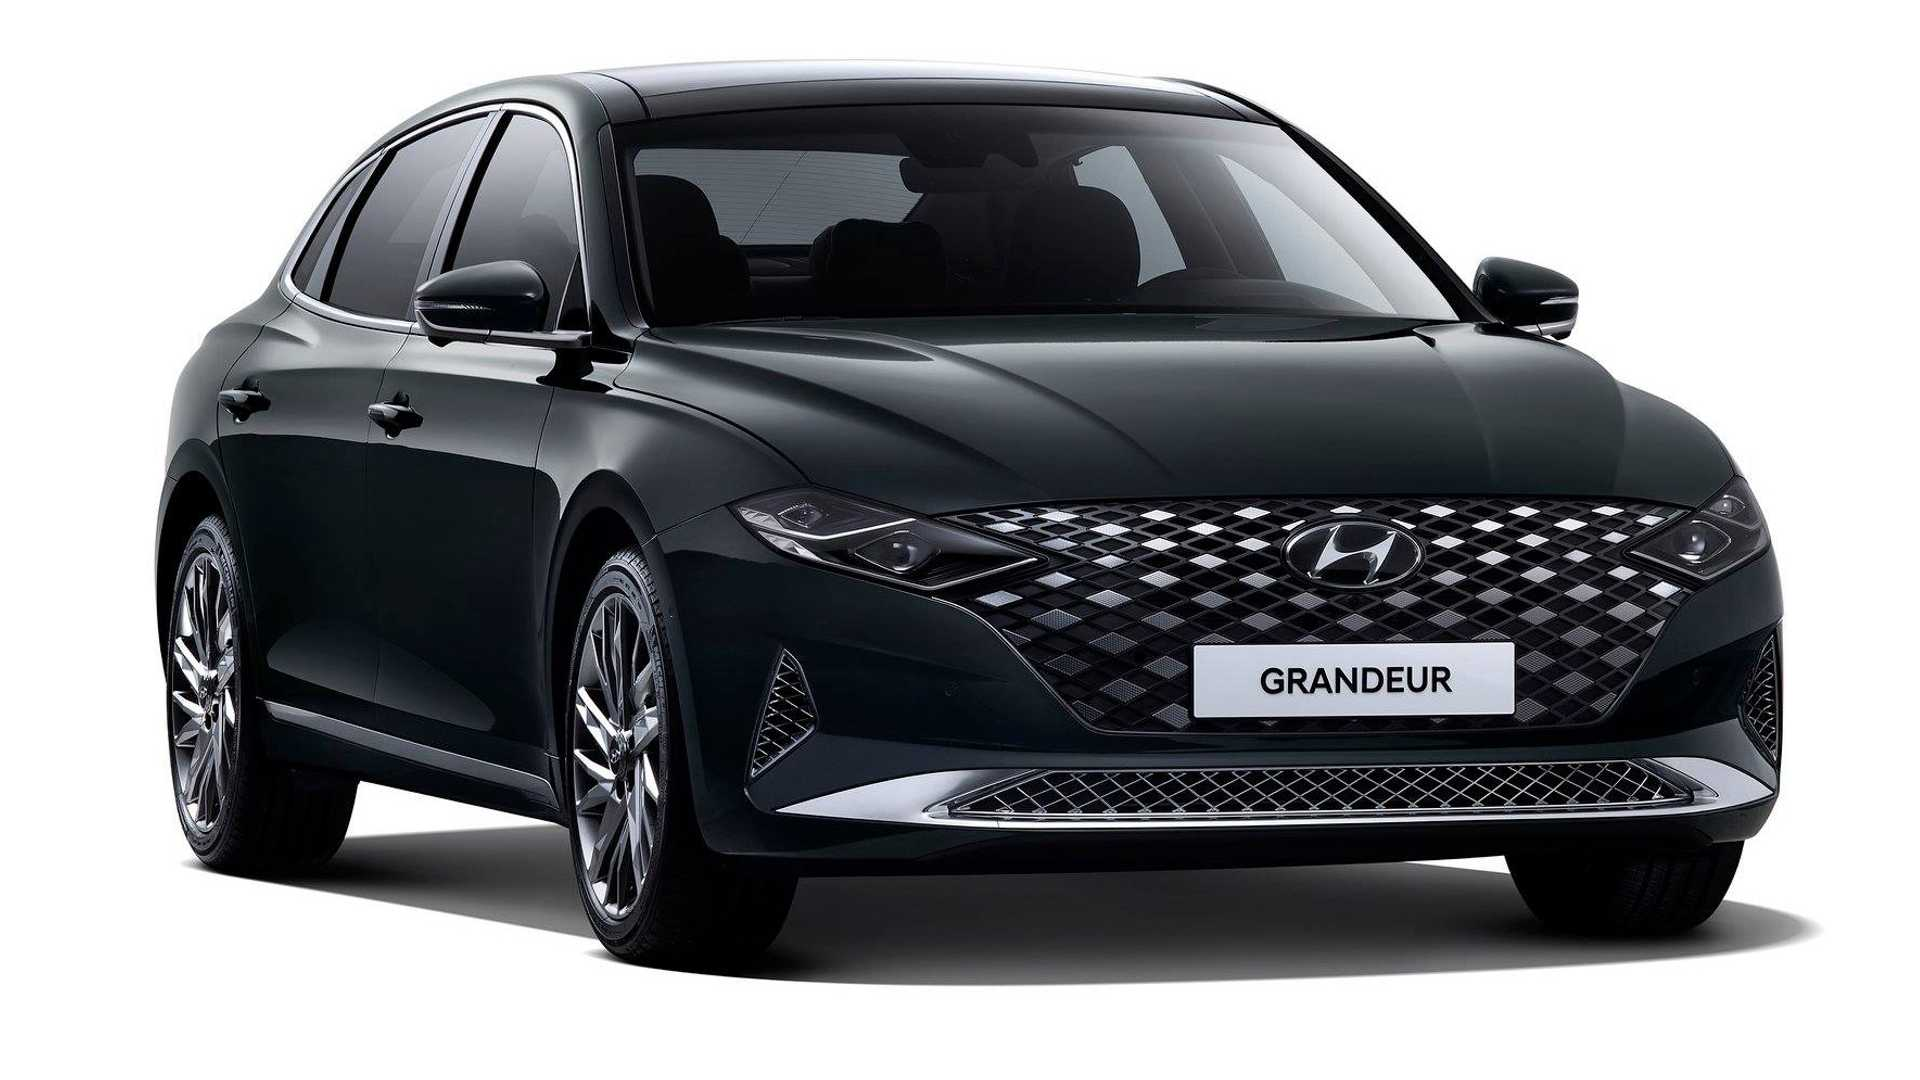 2019 Hyundai Grandeur 13